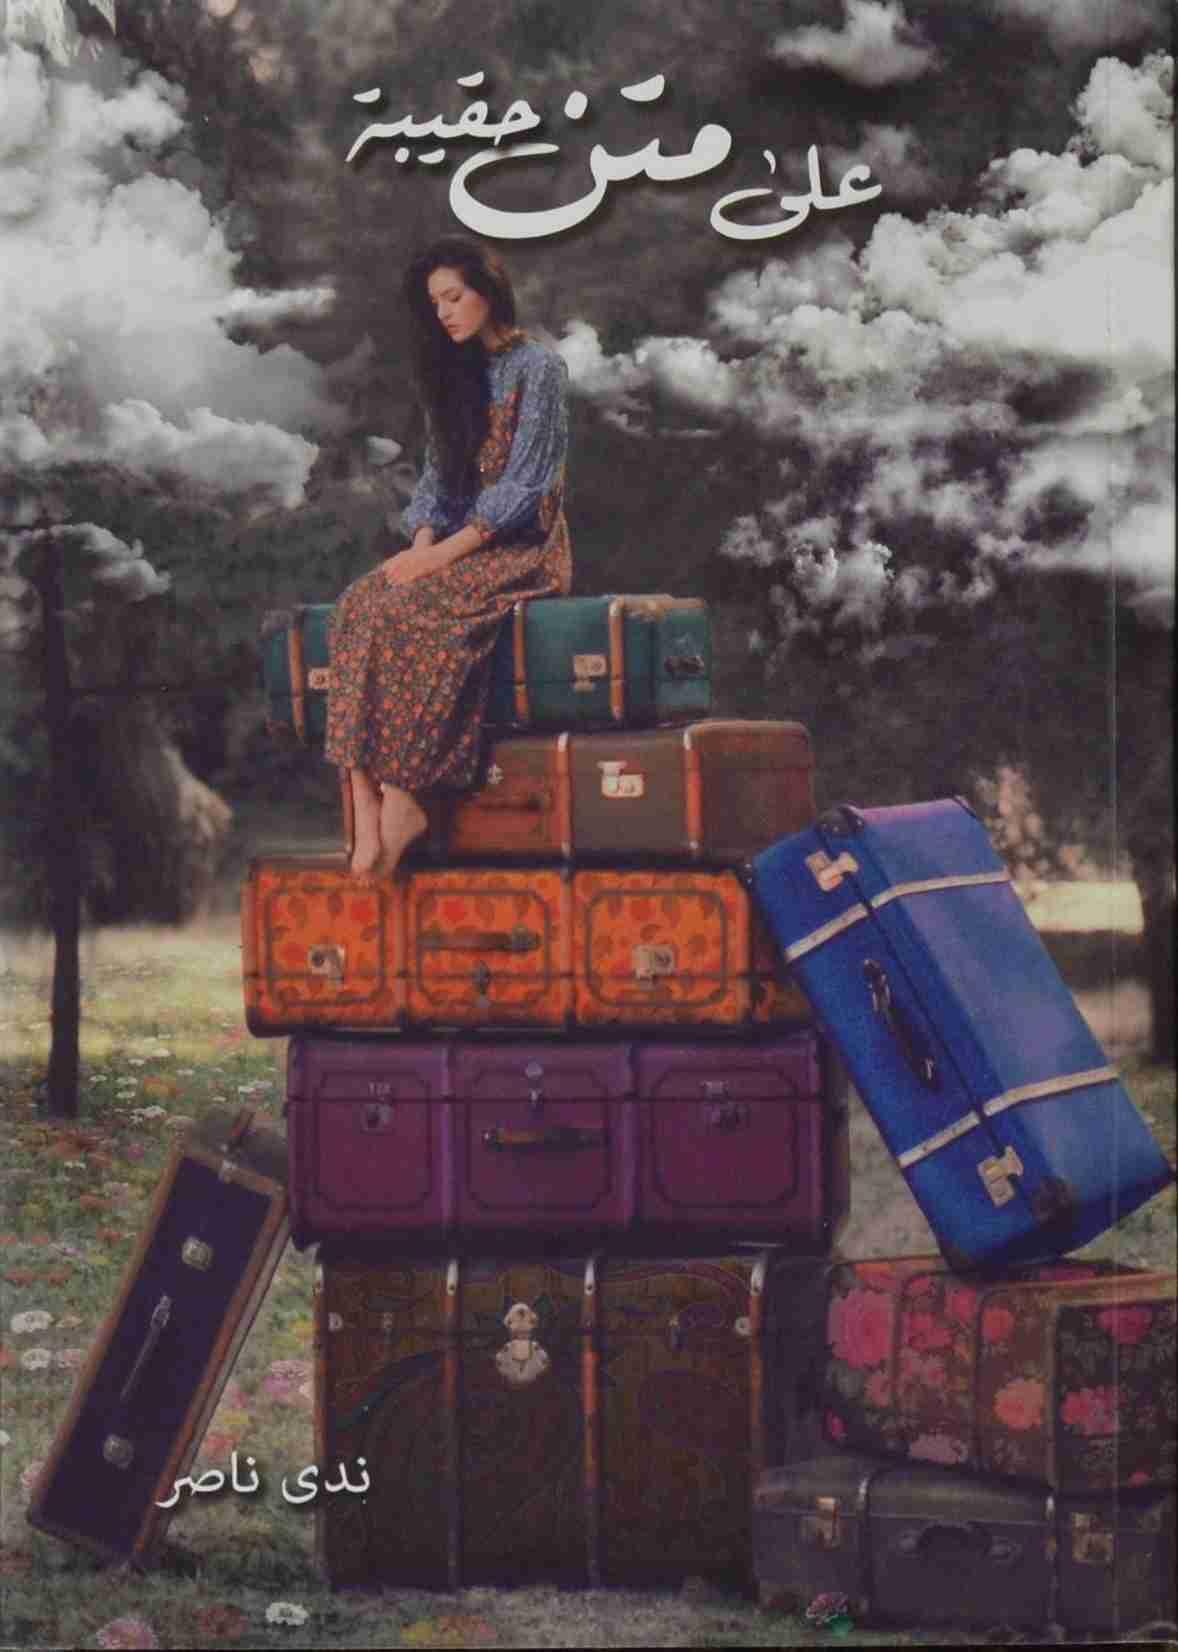 على متن حقيبة